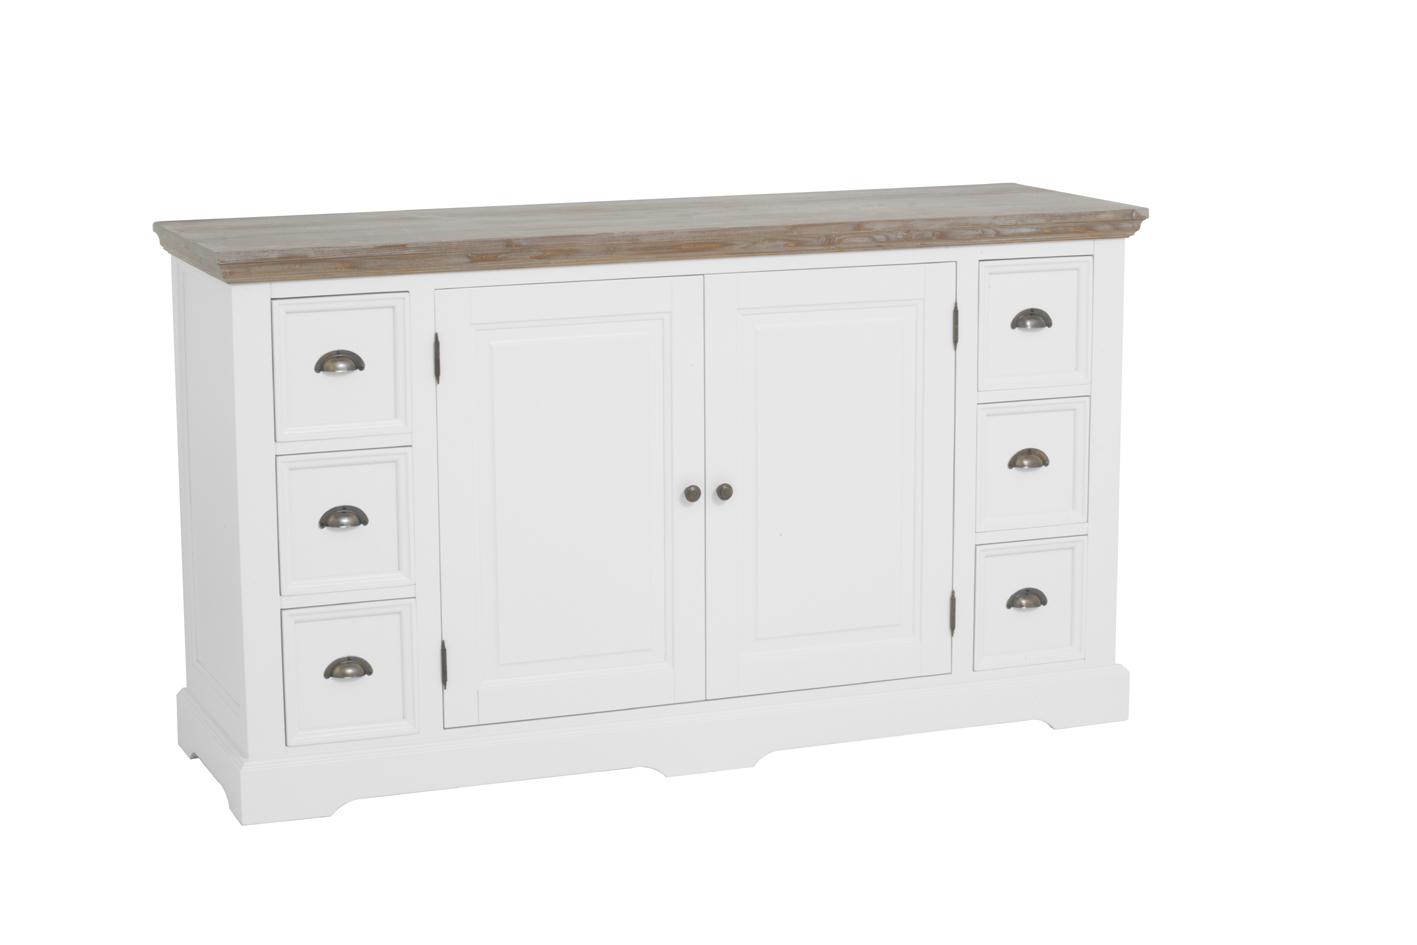 kast-fleur-dressoir-towerliving-DD0014-160cm-vergrijsd hout-trendy wit-laadjes-deurtjes-komgreep